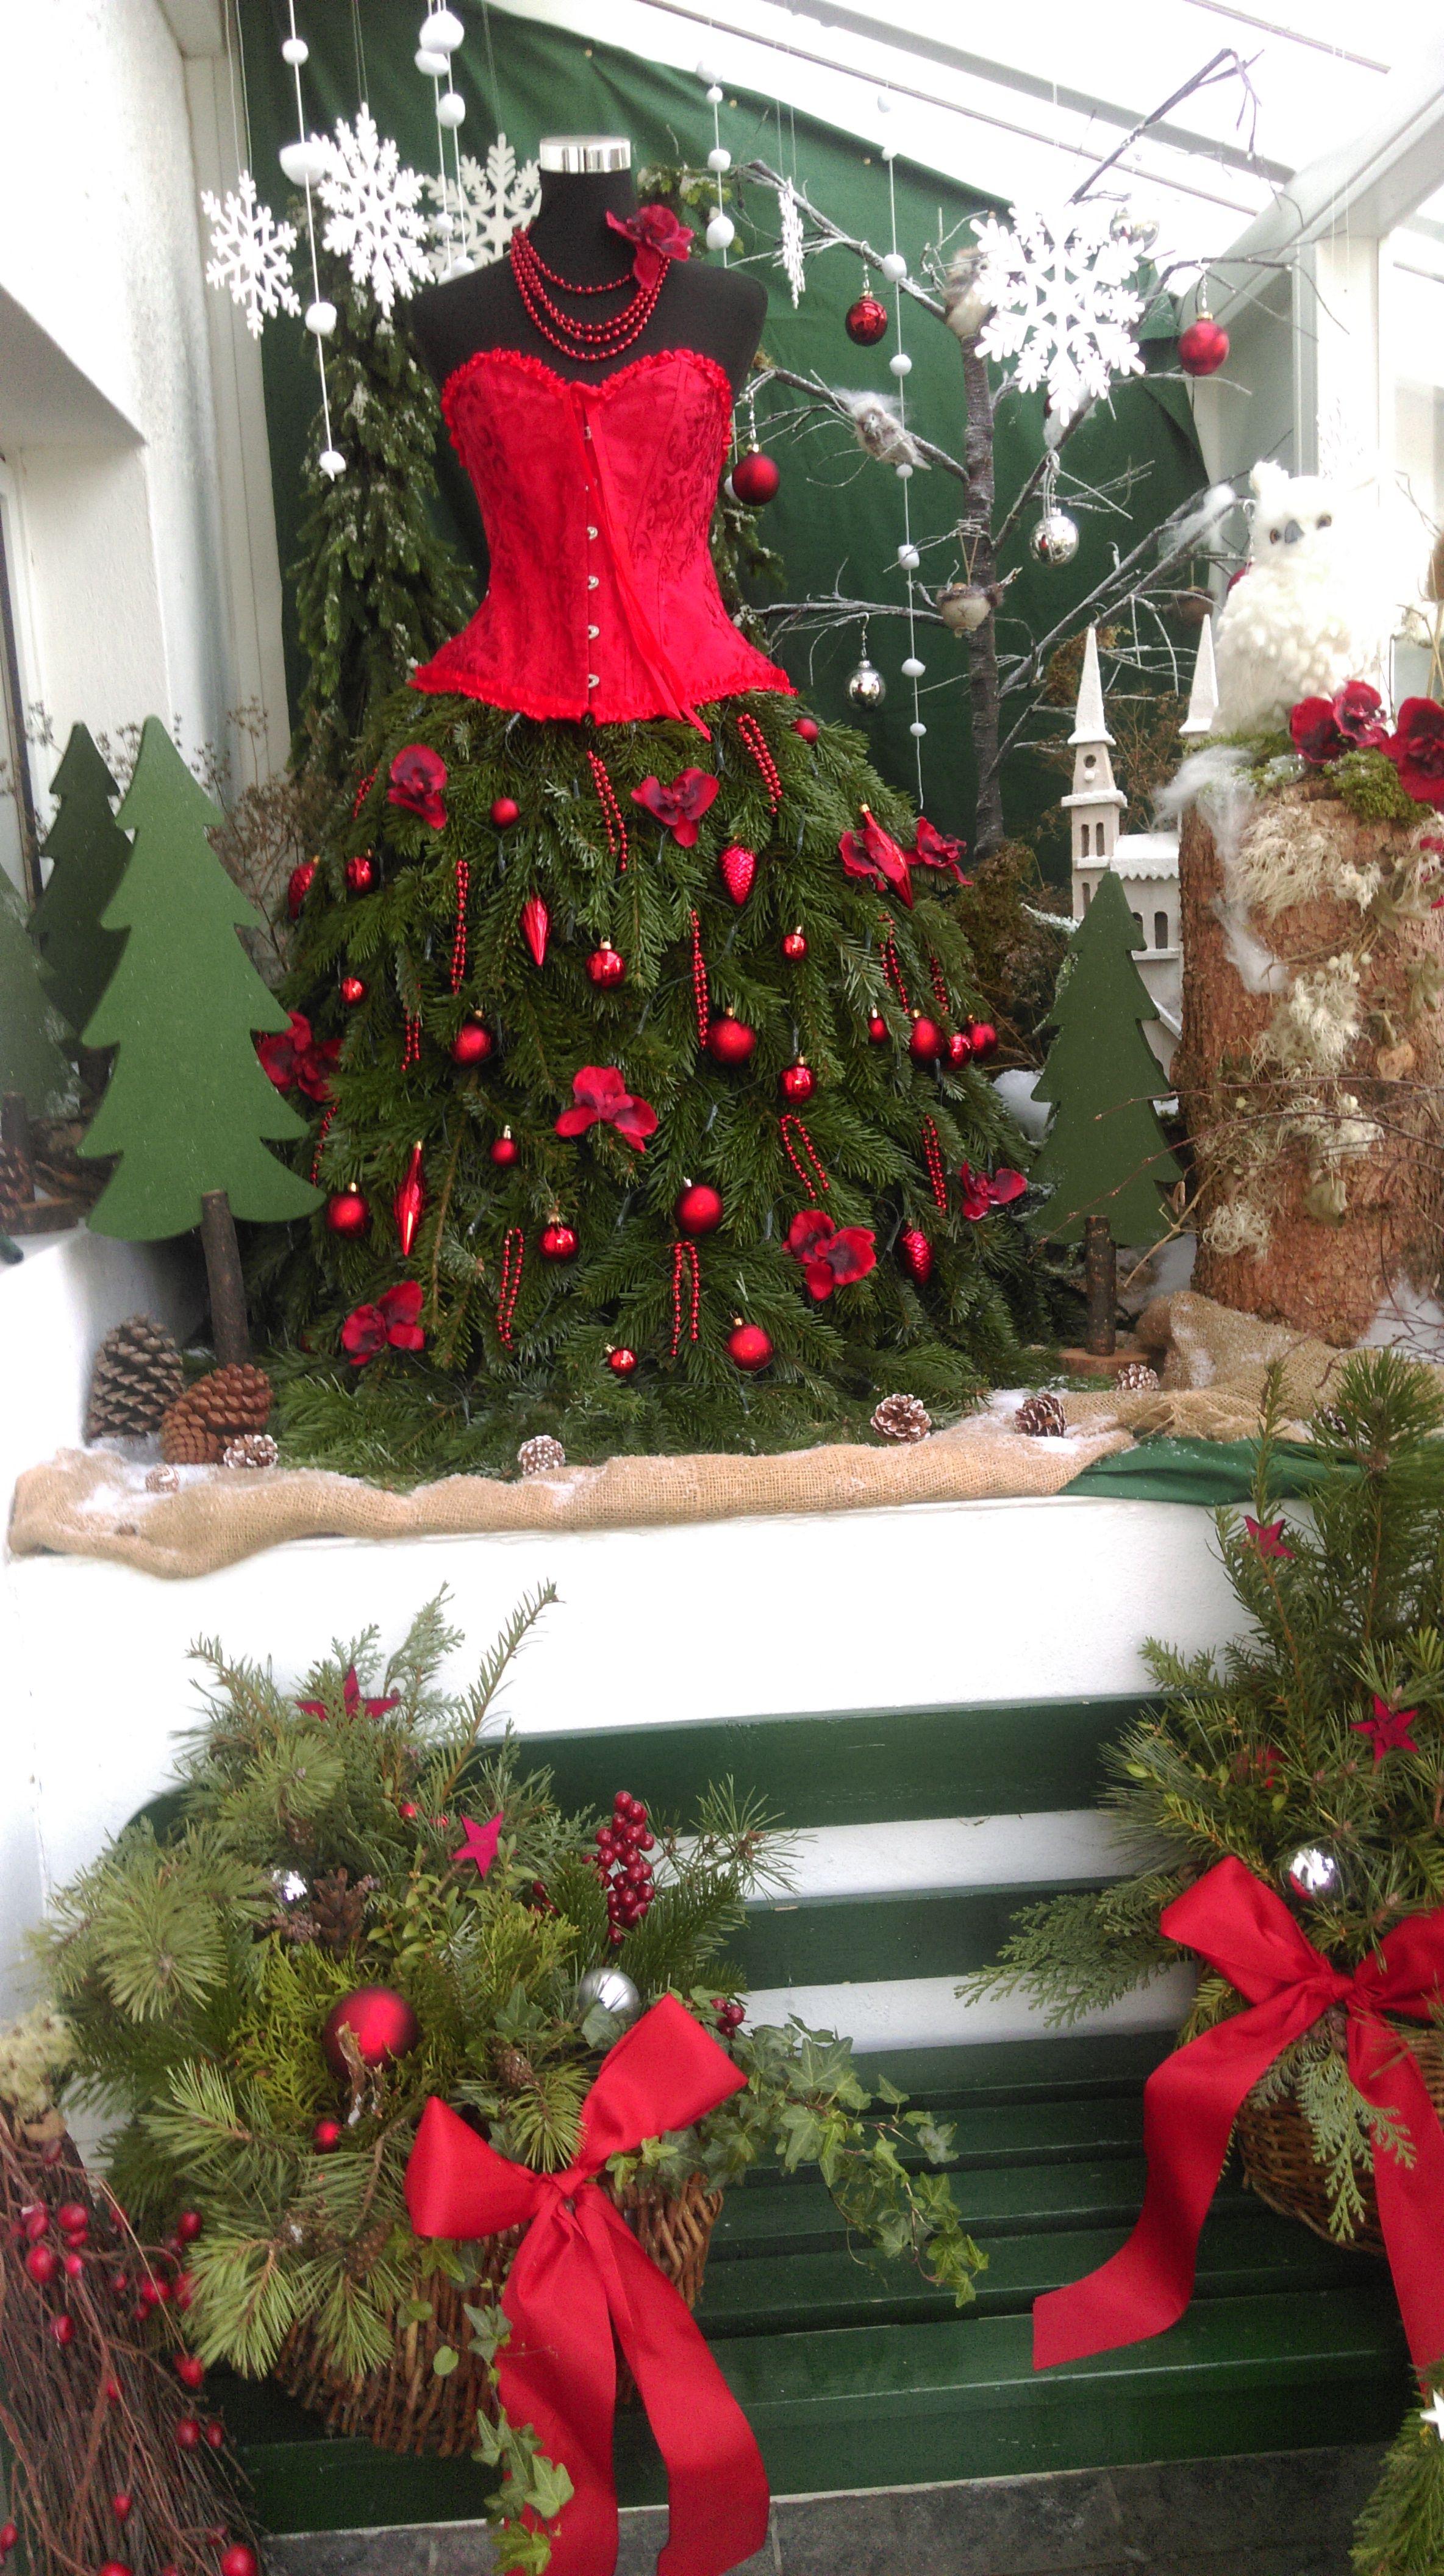 Kleid aus Tannenzweigen als Weihnachtsschmuck vor der ...